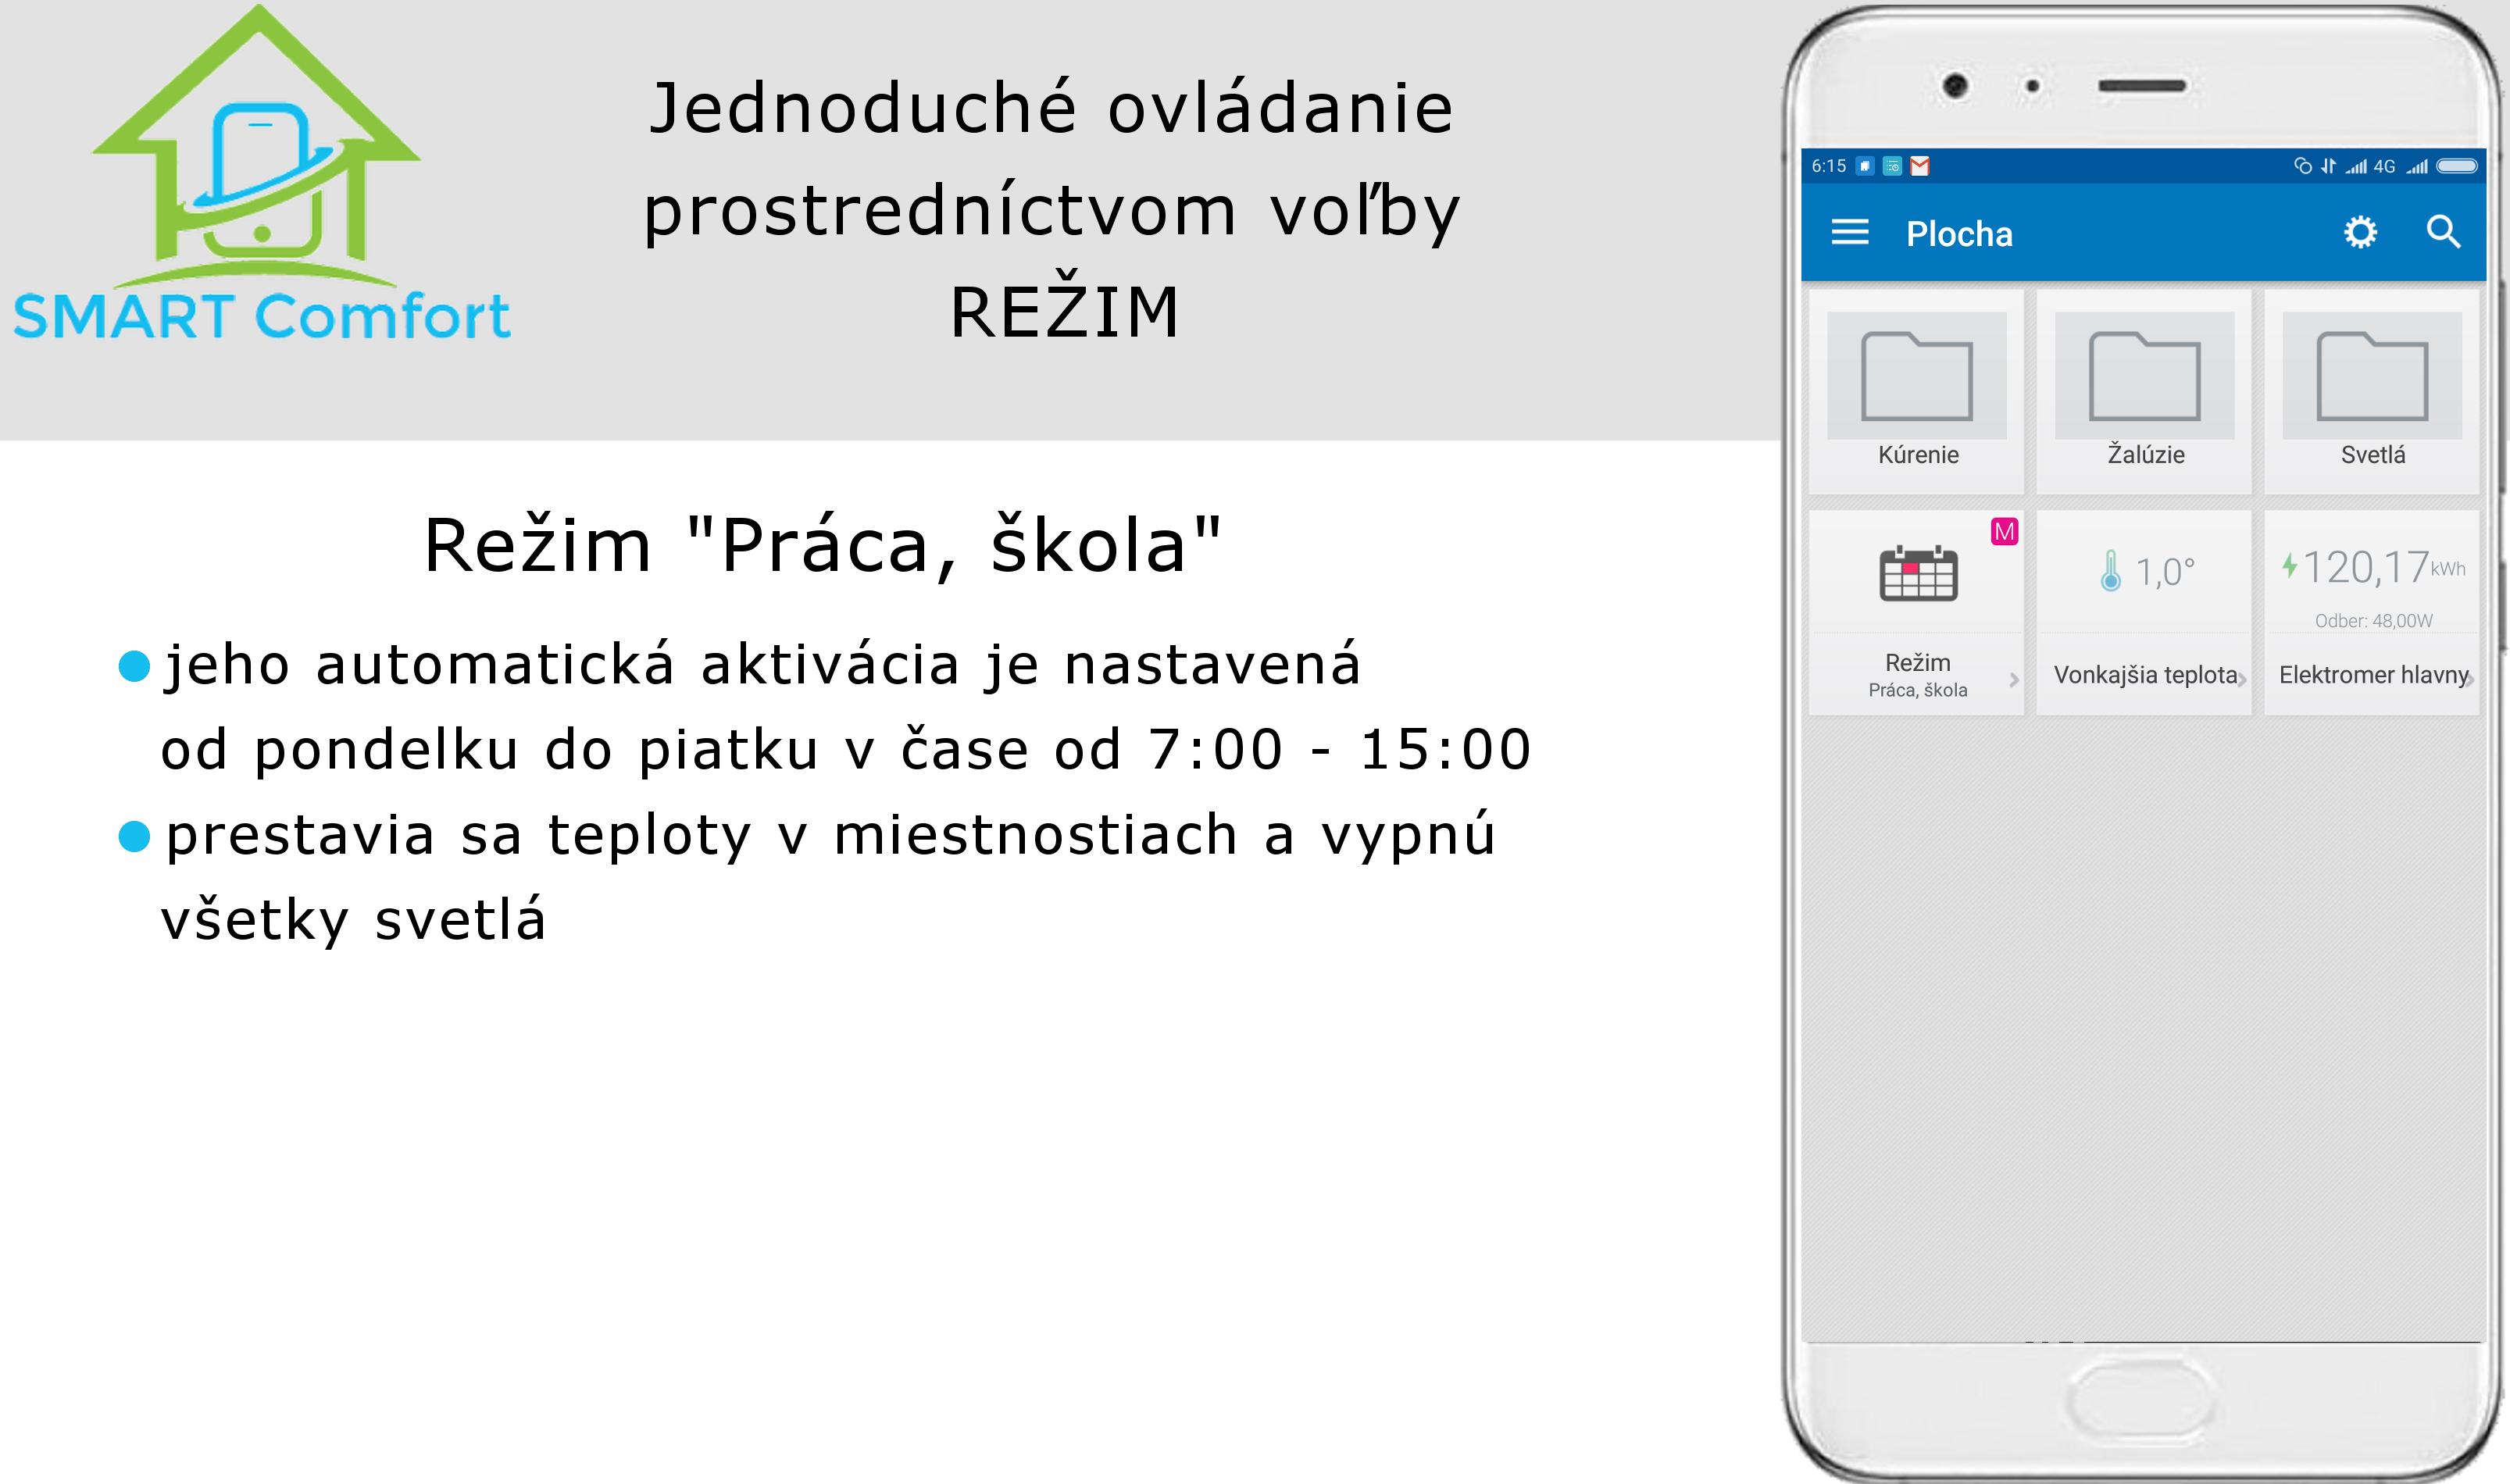 Rezim_praca v02_TapHome_ovládanie z mobilu